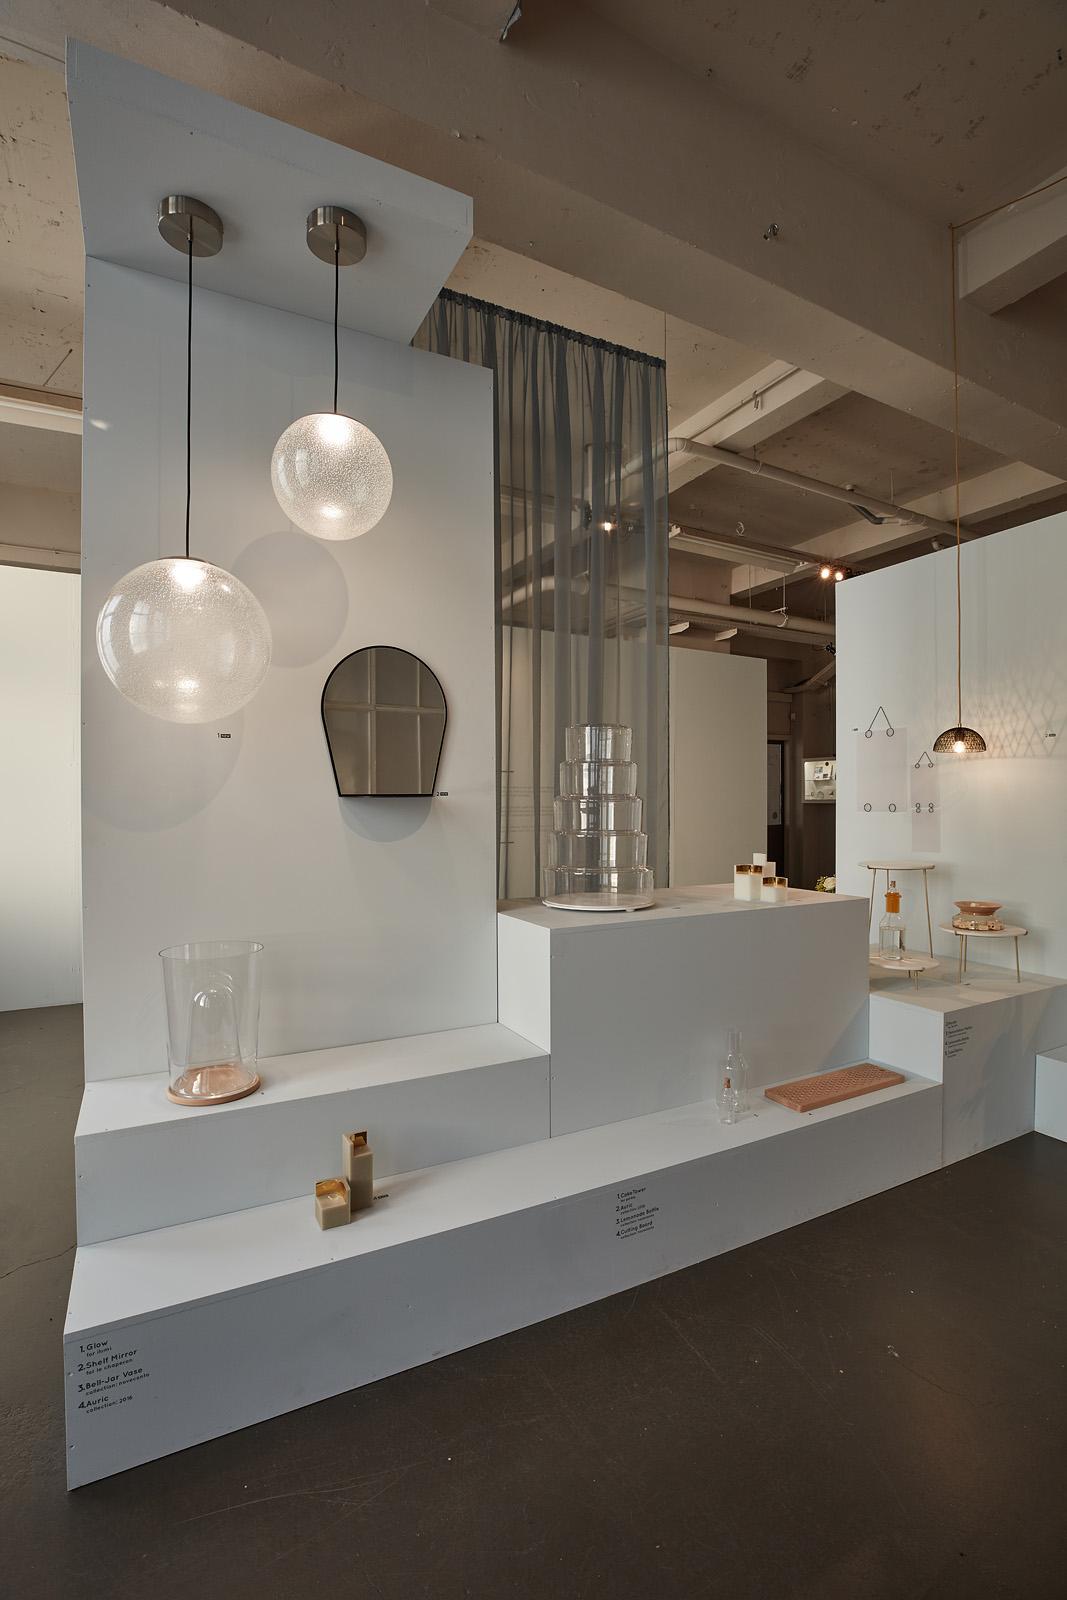 Exhibition: Dutch Design Week 2016